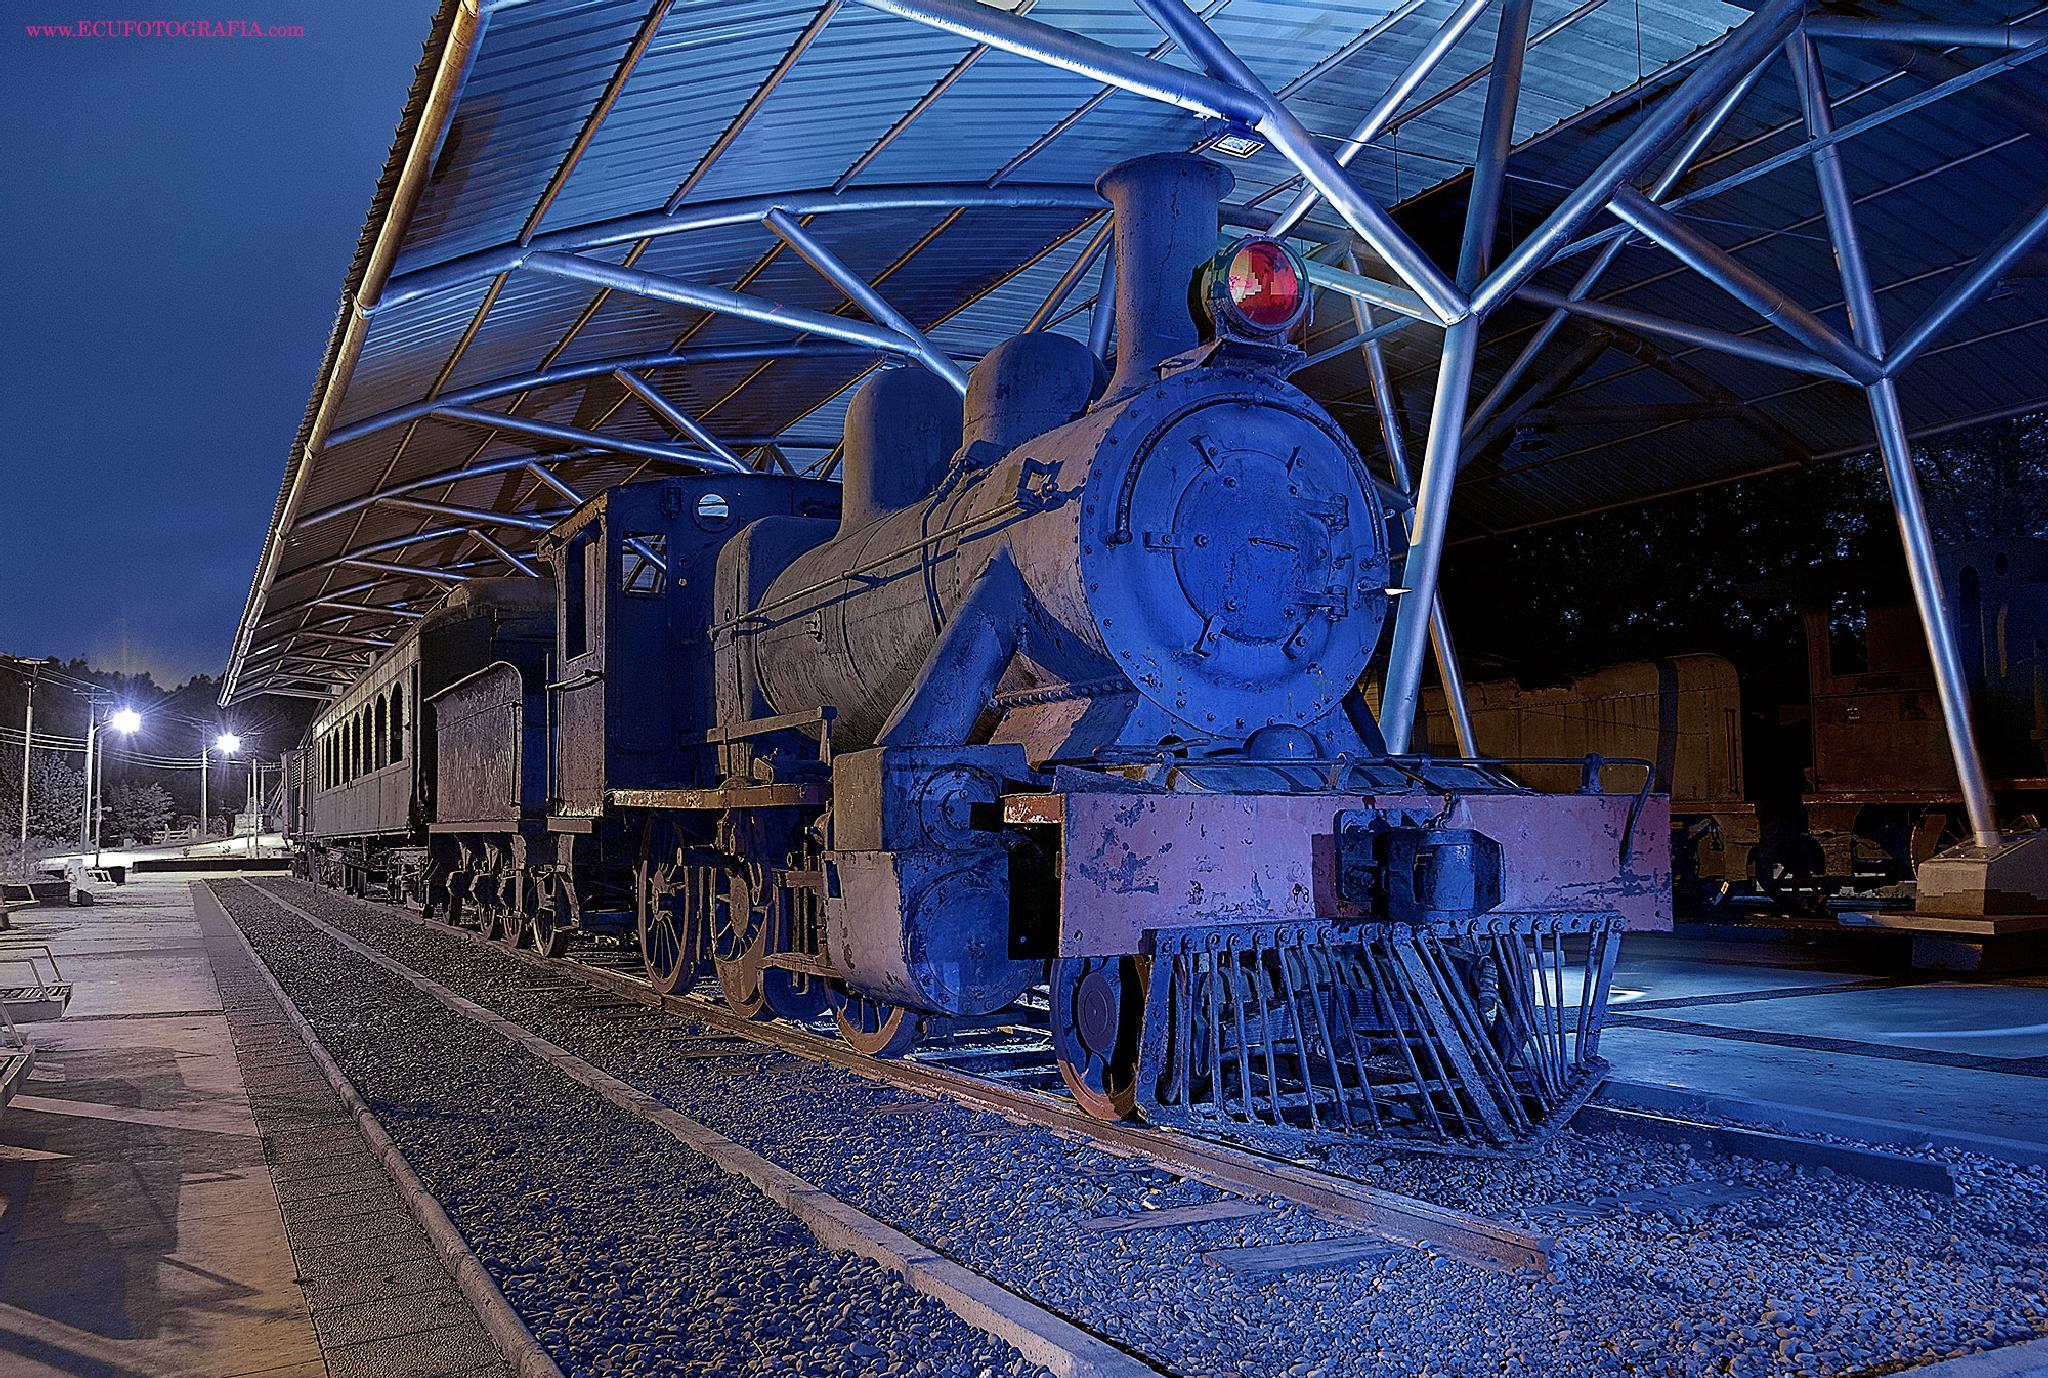 Locomotora de Carahue by ecabello